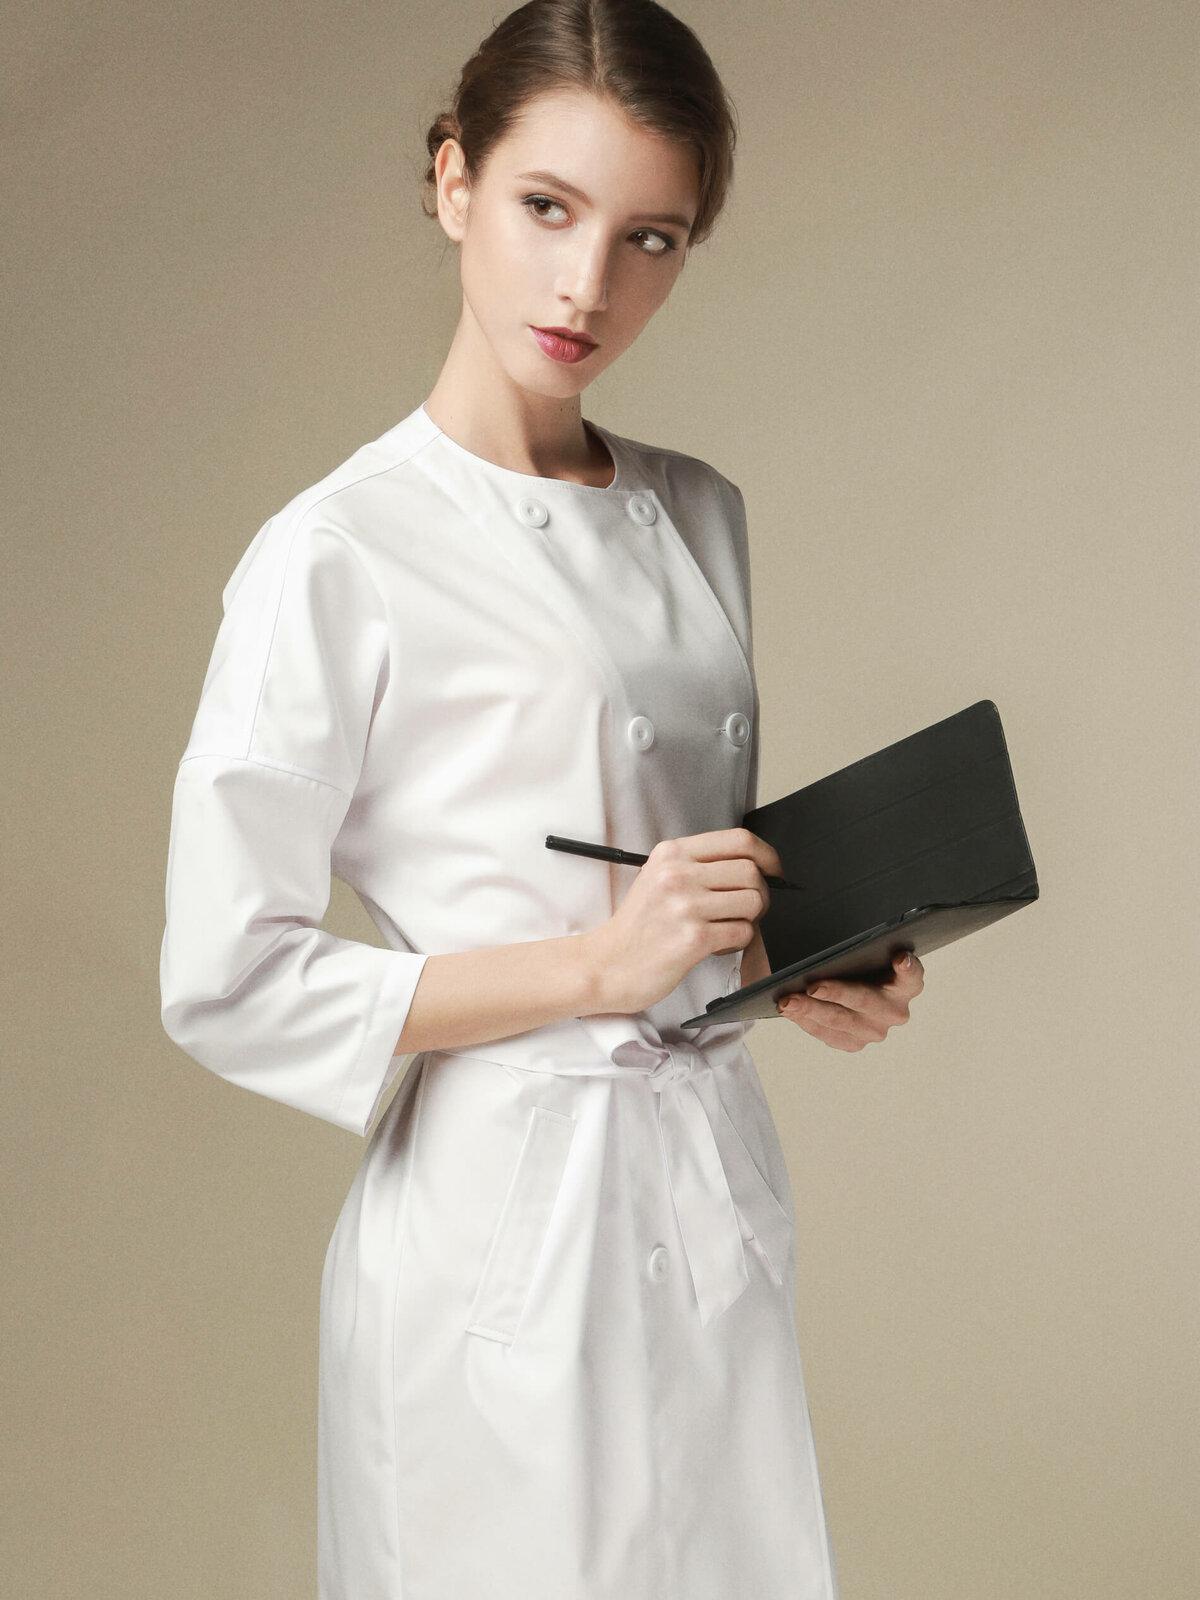 картинки девушки в белом халате мыла